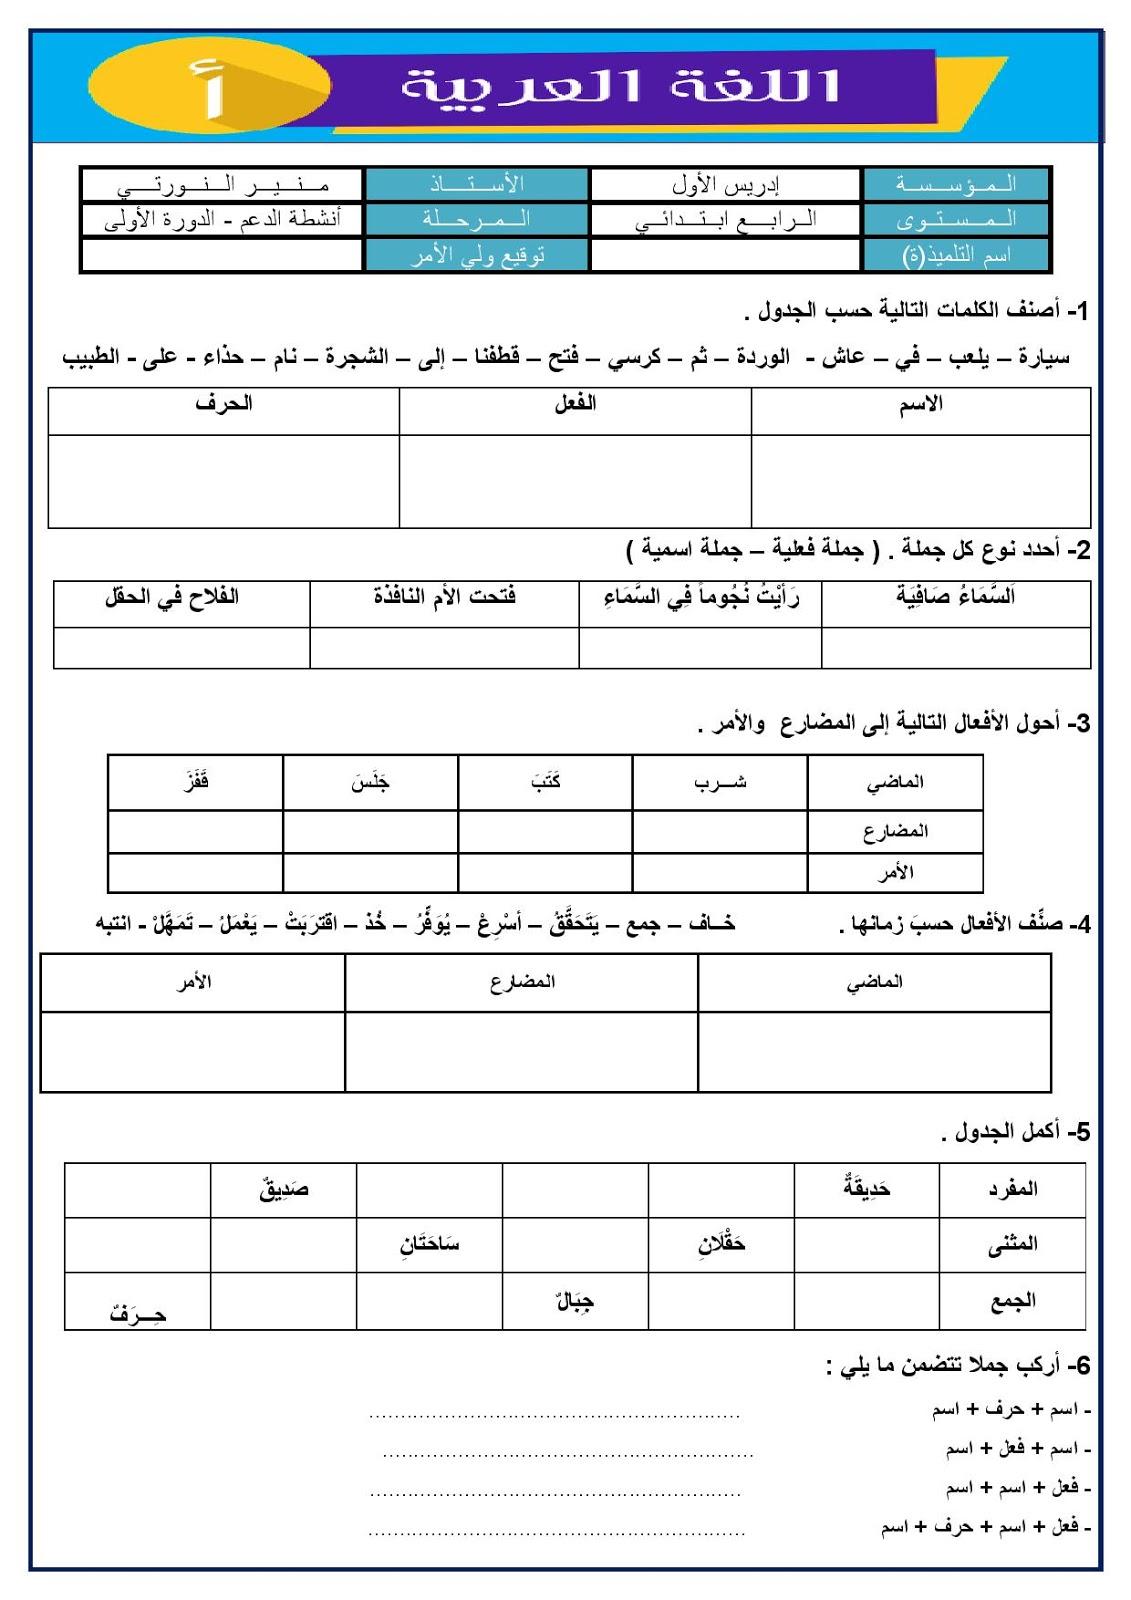 تمارين الدعم للمرحلة الثانية في اللغة العربية للمستوى الرابع ابتدائي